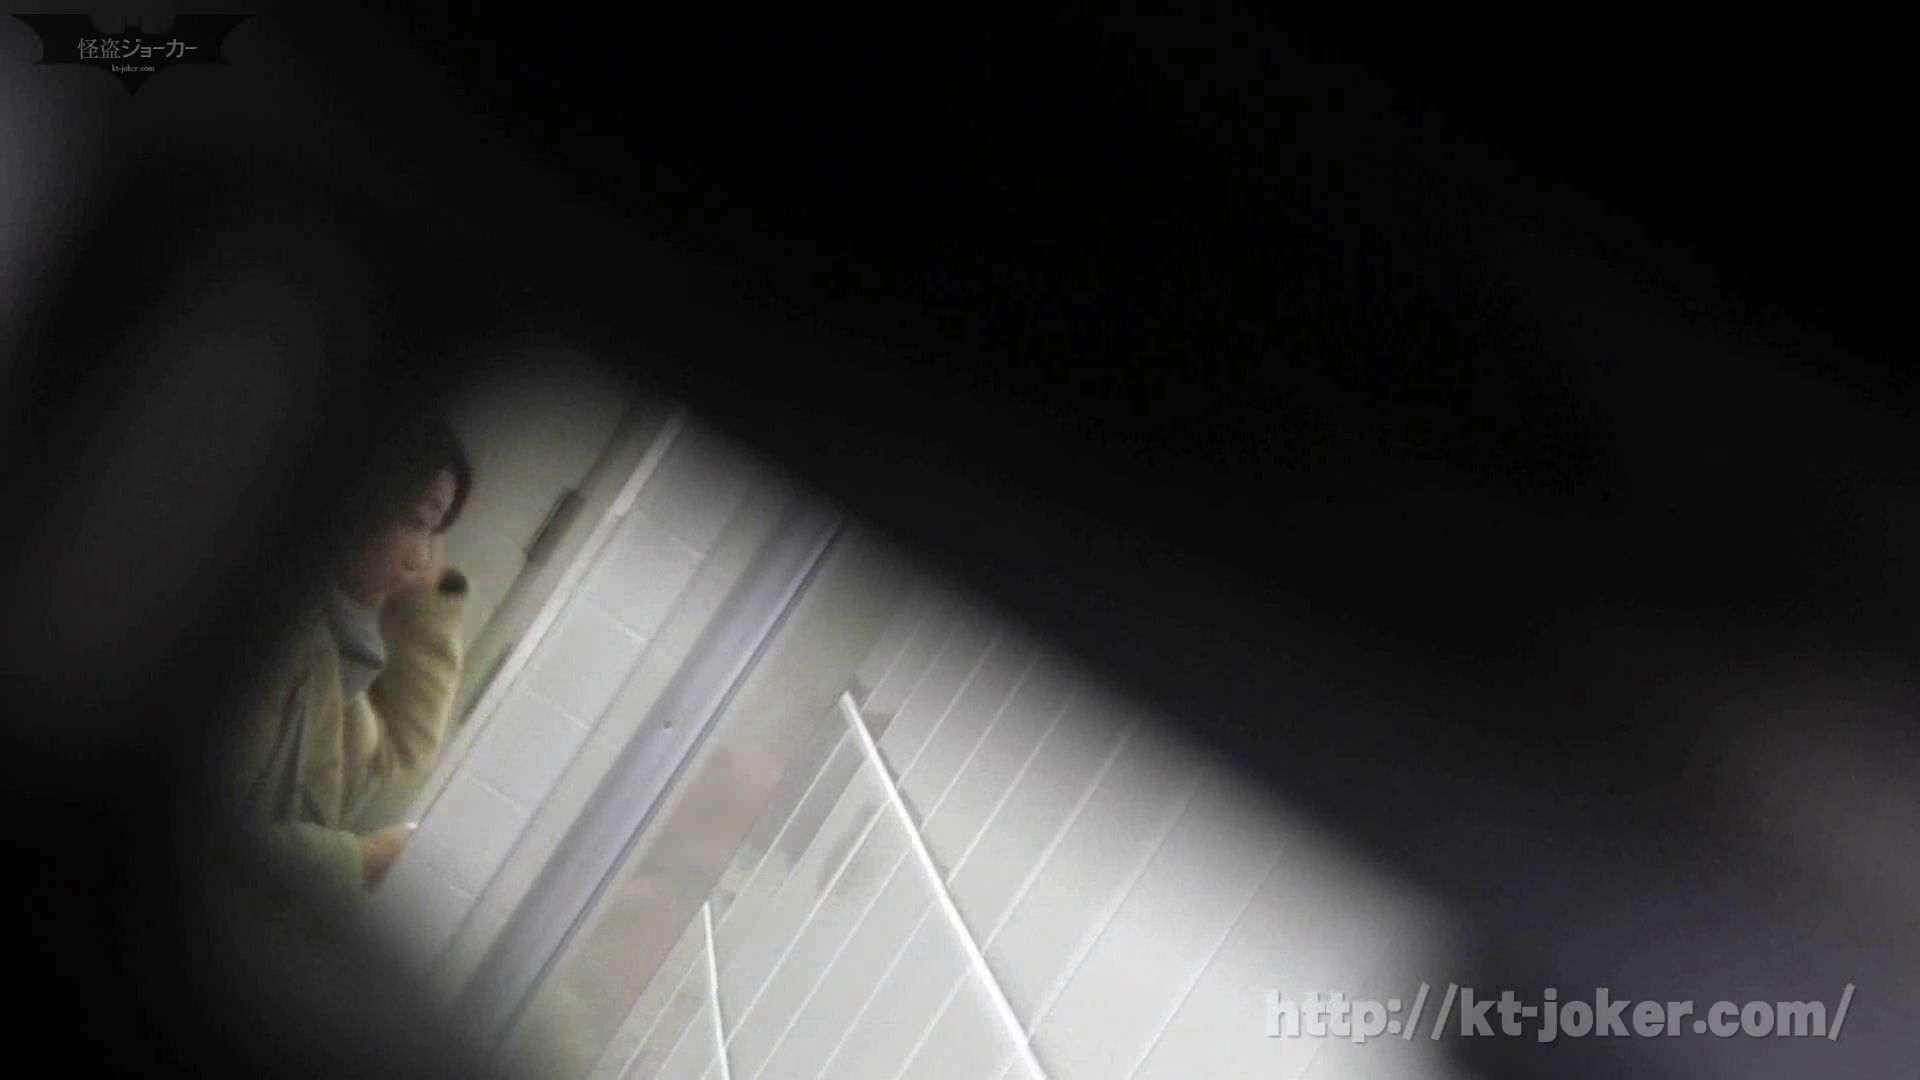 命がけ潜伏洗面所! vol.51 エロすぎる捻り? 洗面所はめどり  78画像 54